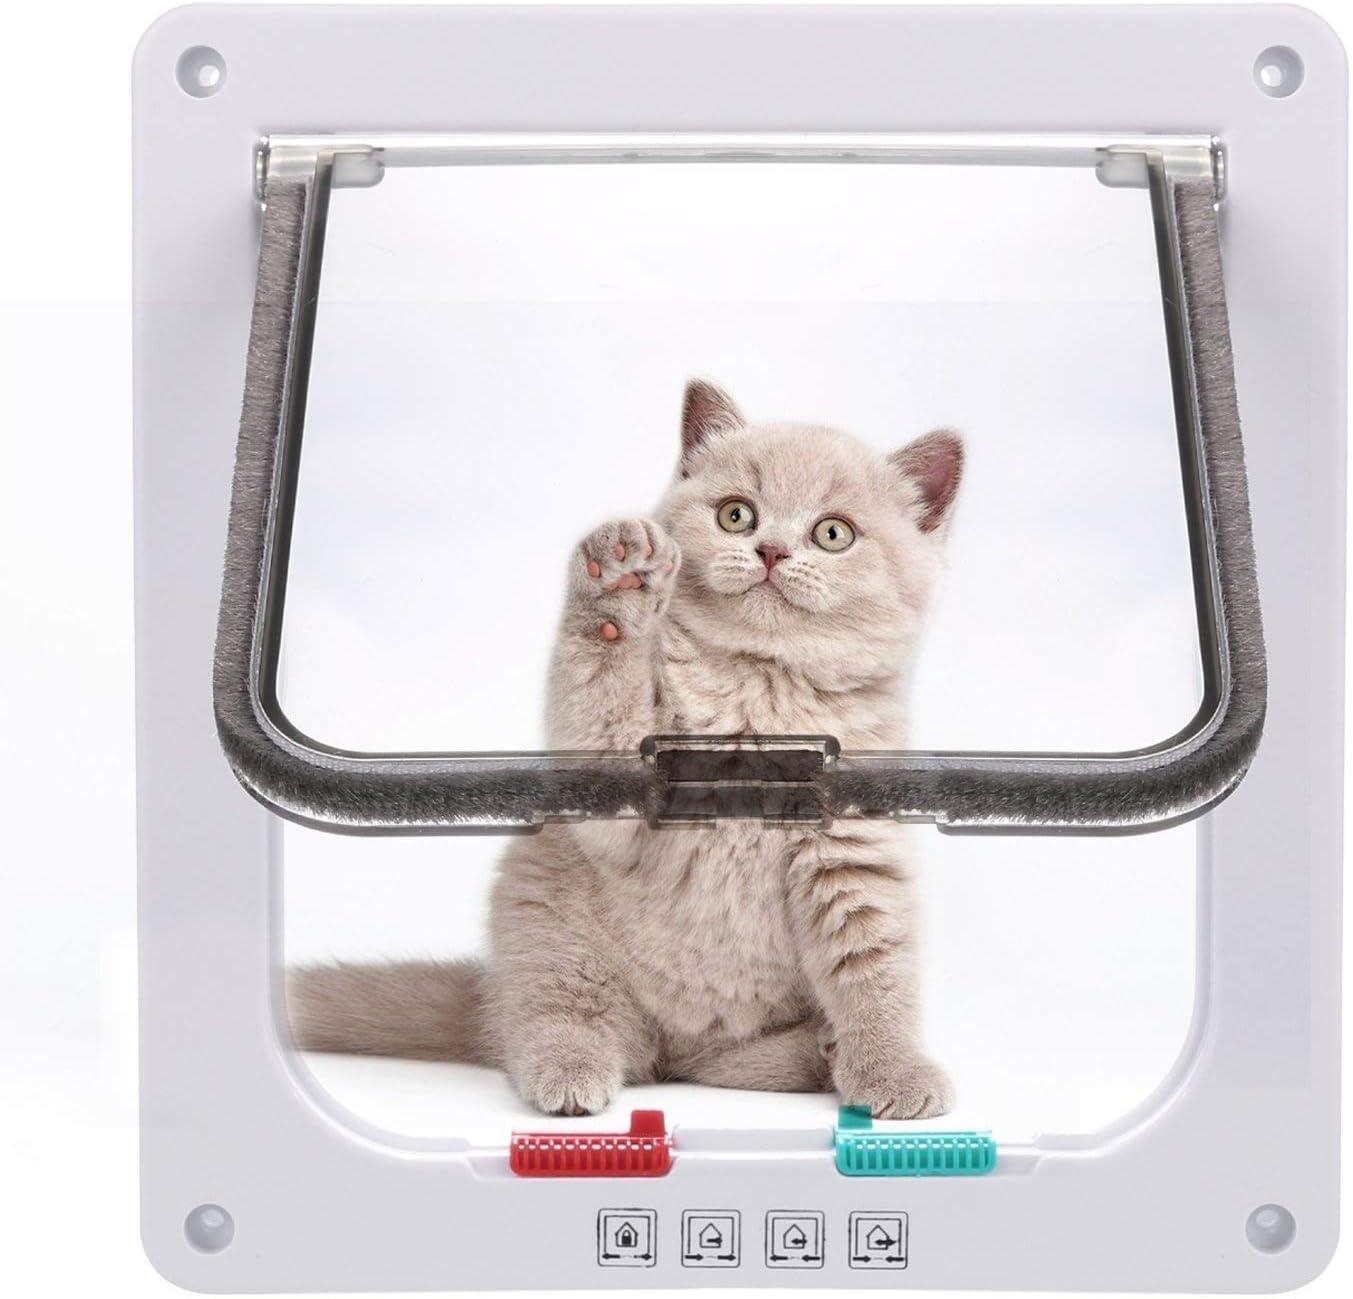 Sailnovo Puerta para Gato con Cierre magnético de 4 vías, Puerta para Mascotas para Gatos y Perros pequeños, Puerta para Gatos con túnel (Blanco, L)